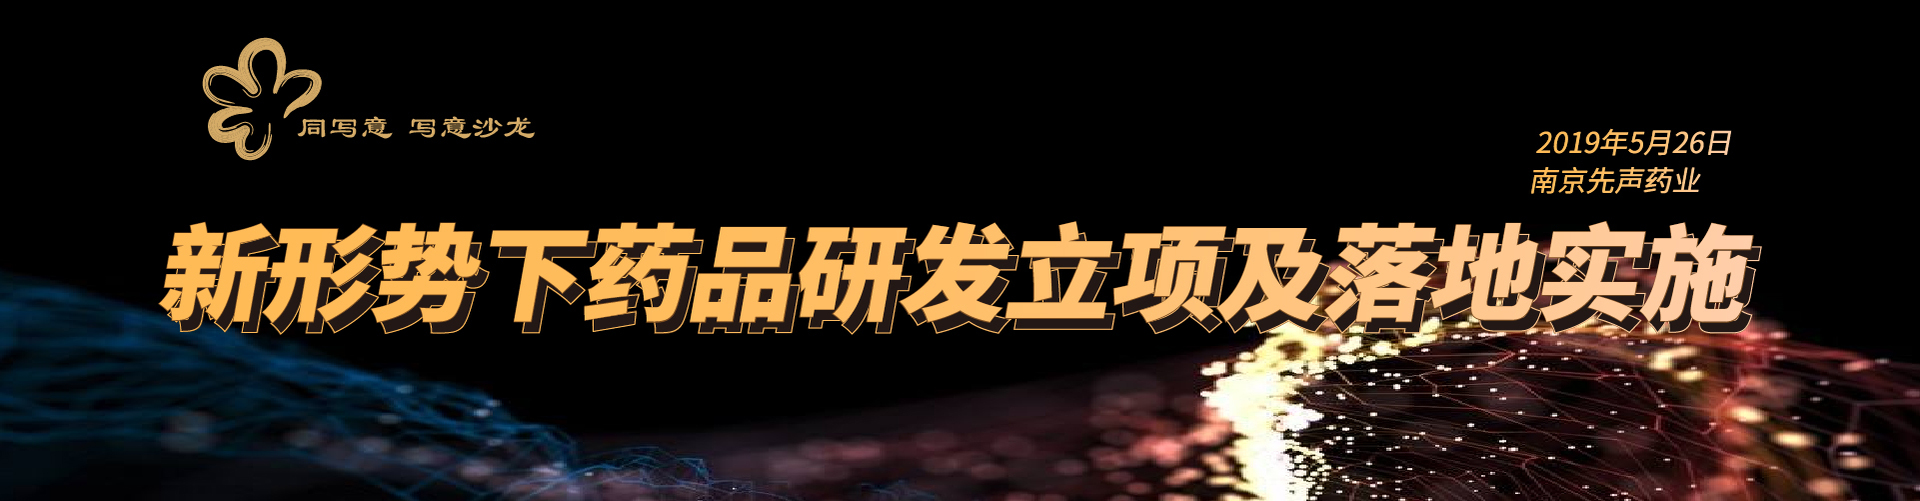 南京写意沙龙:新形势下药品研发立项及落地实施